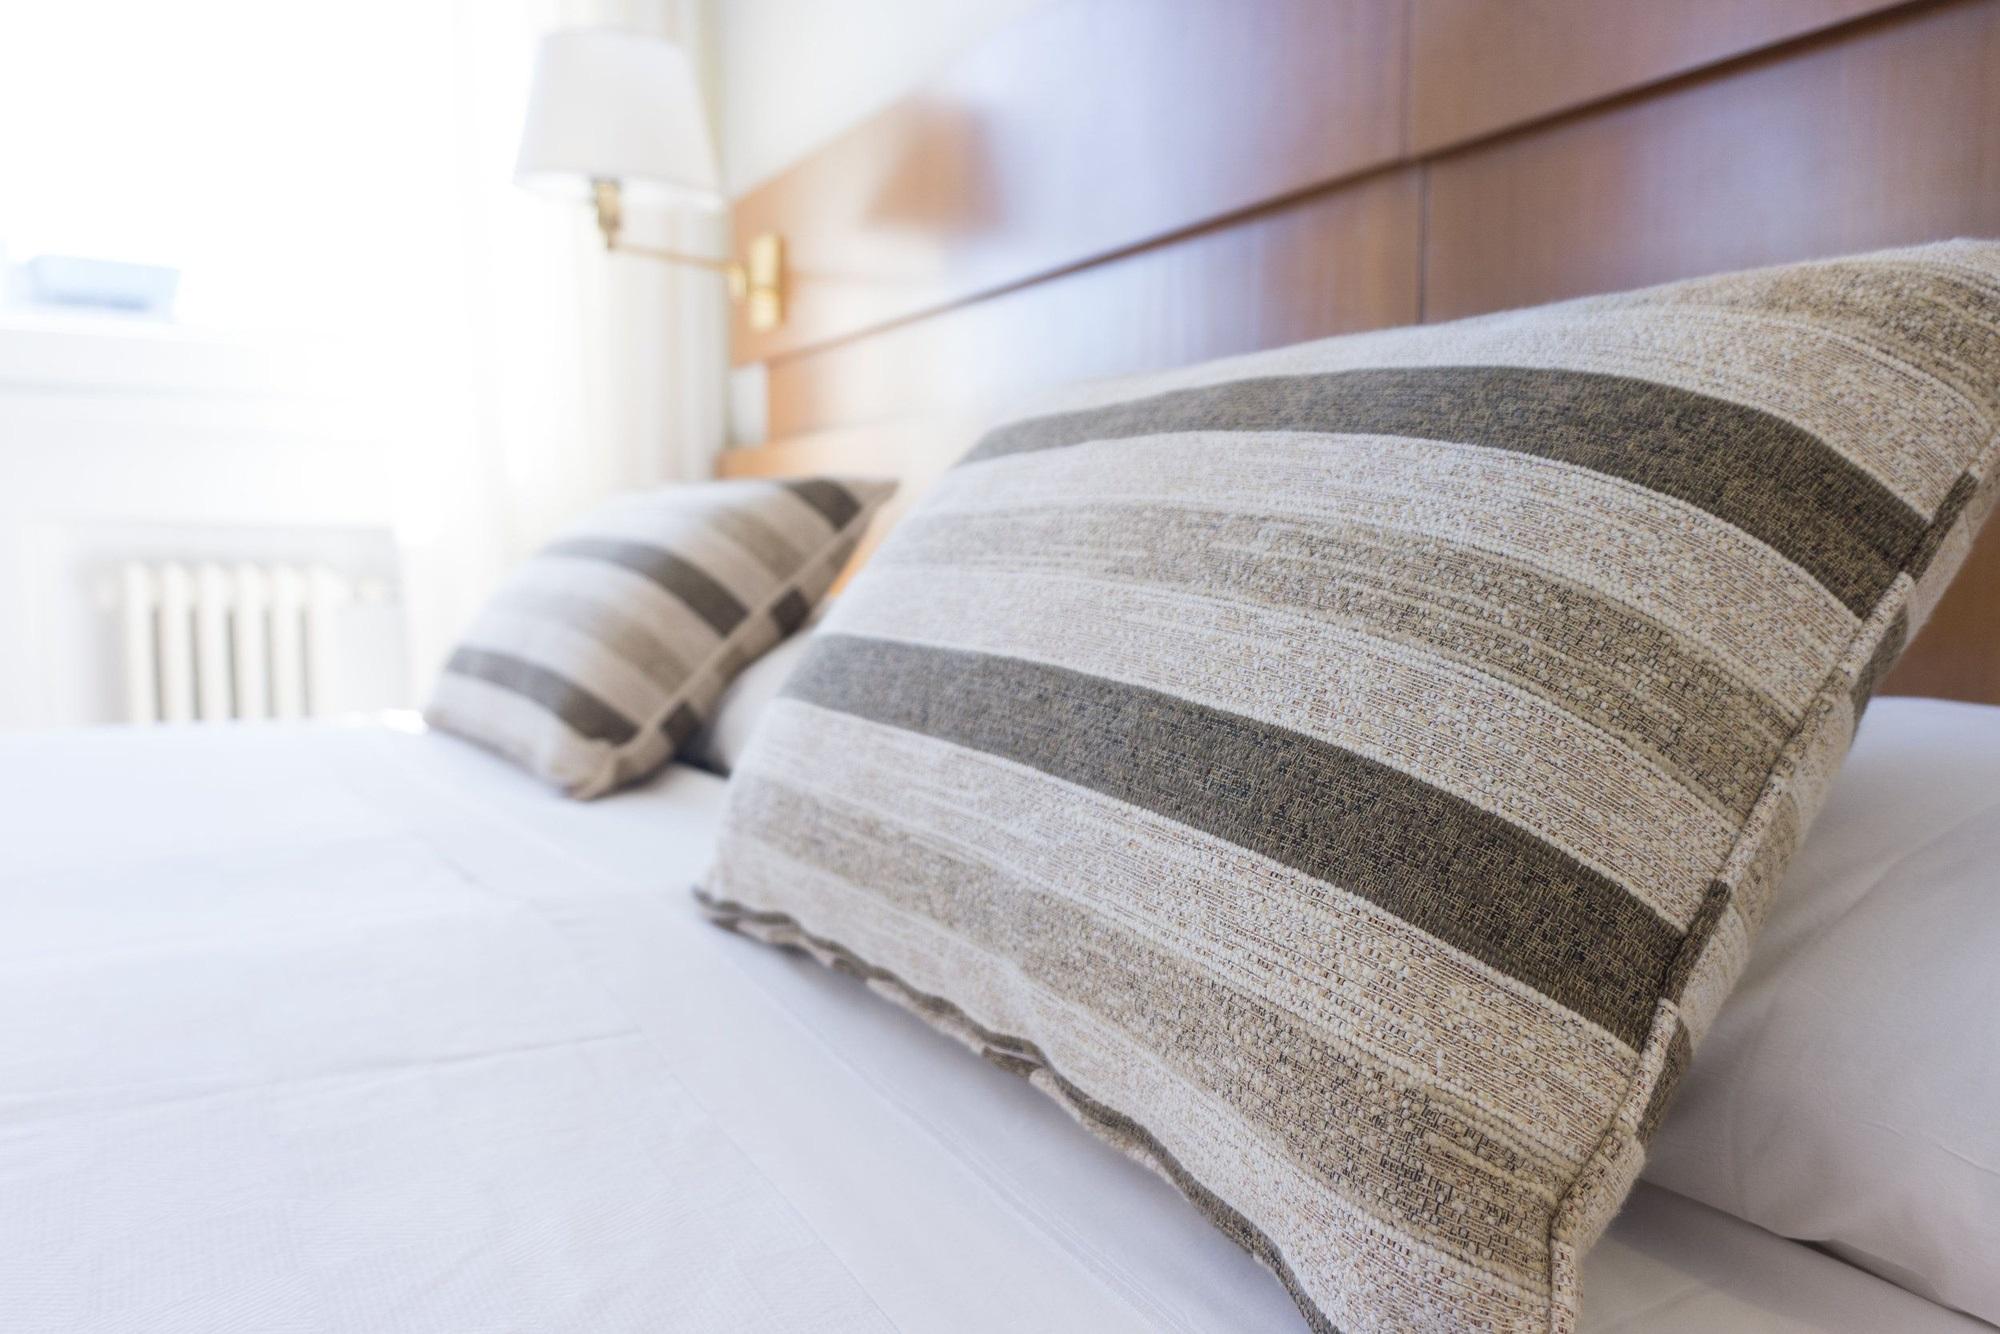 Đây là tần suất bạn nên dọn dẹp mọi không gian, bề mặt và vật dụng trong nhà để đảm bảo an toàn - Ảnh 3